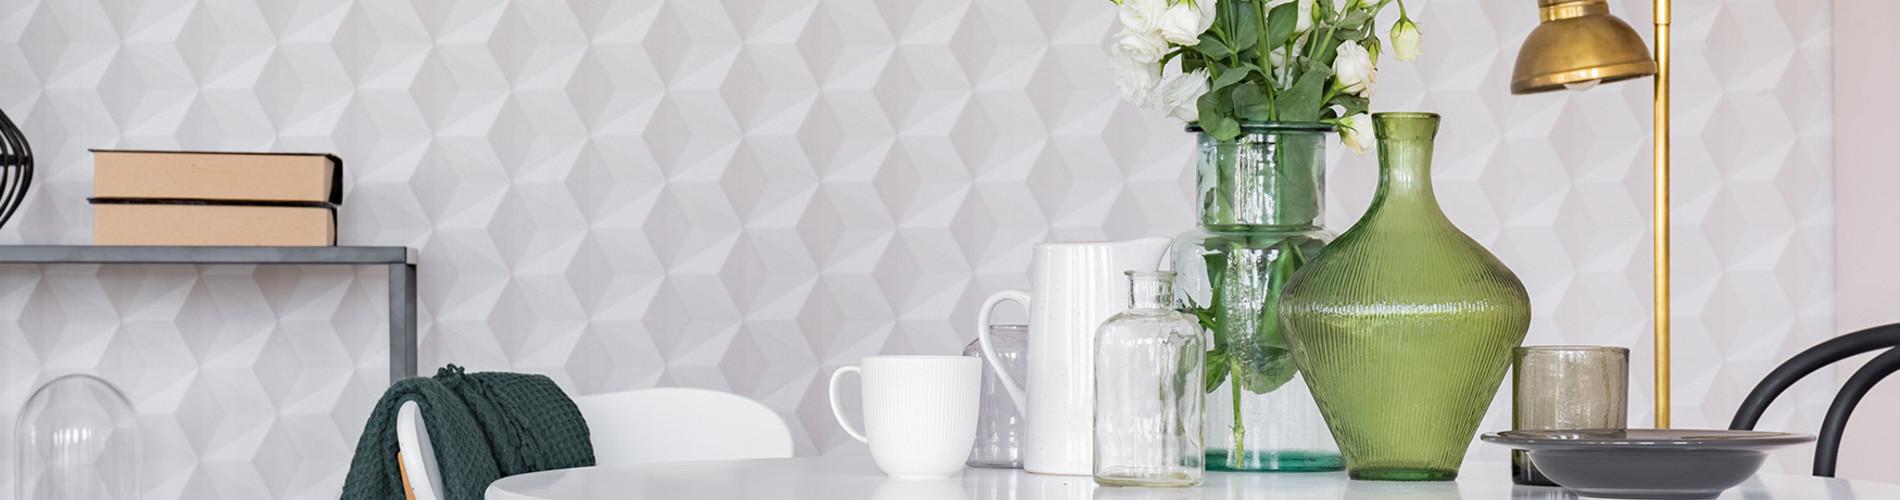 Full Size of Küchen Tapeten Abwaschbar Feiern Ihr Comeback So Tapezieren Sie Richtig Wohnzimmer Ideen Für Küche Die Schlafzimmer Regal Fototapeten Wohnzimmer Küchen Tapeten Abwaschbar